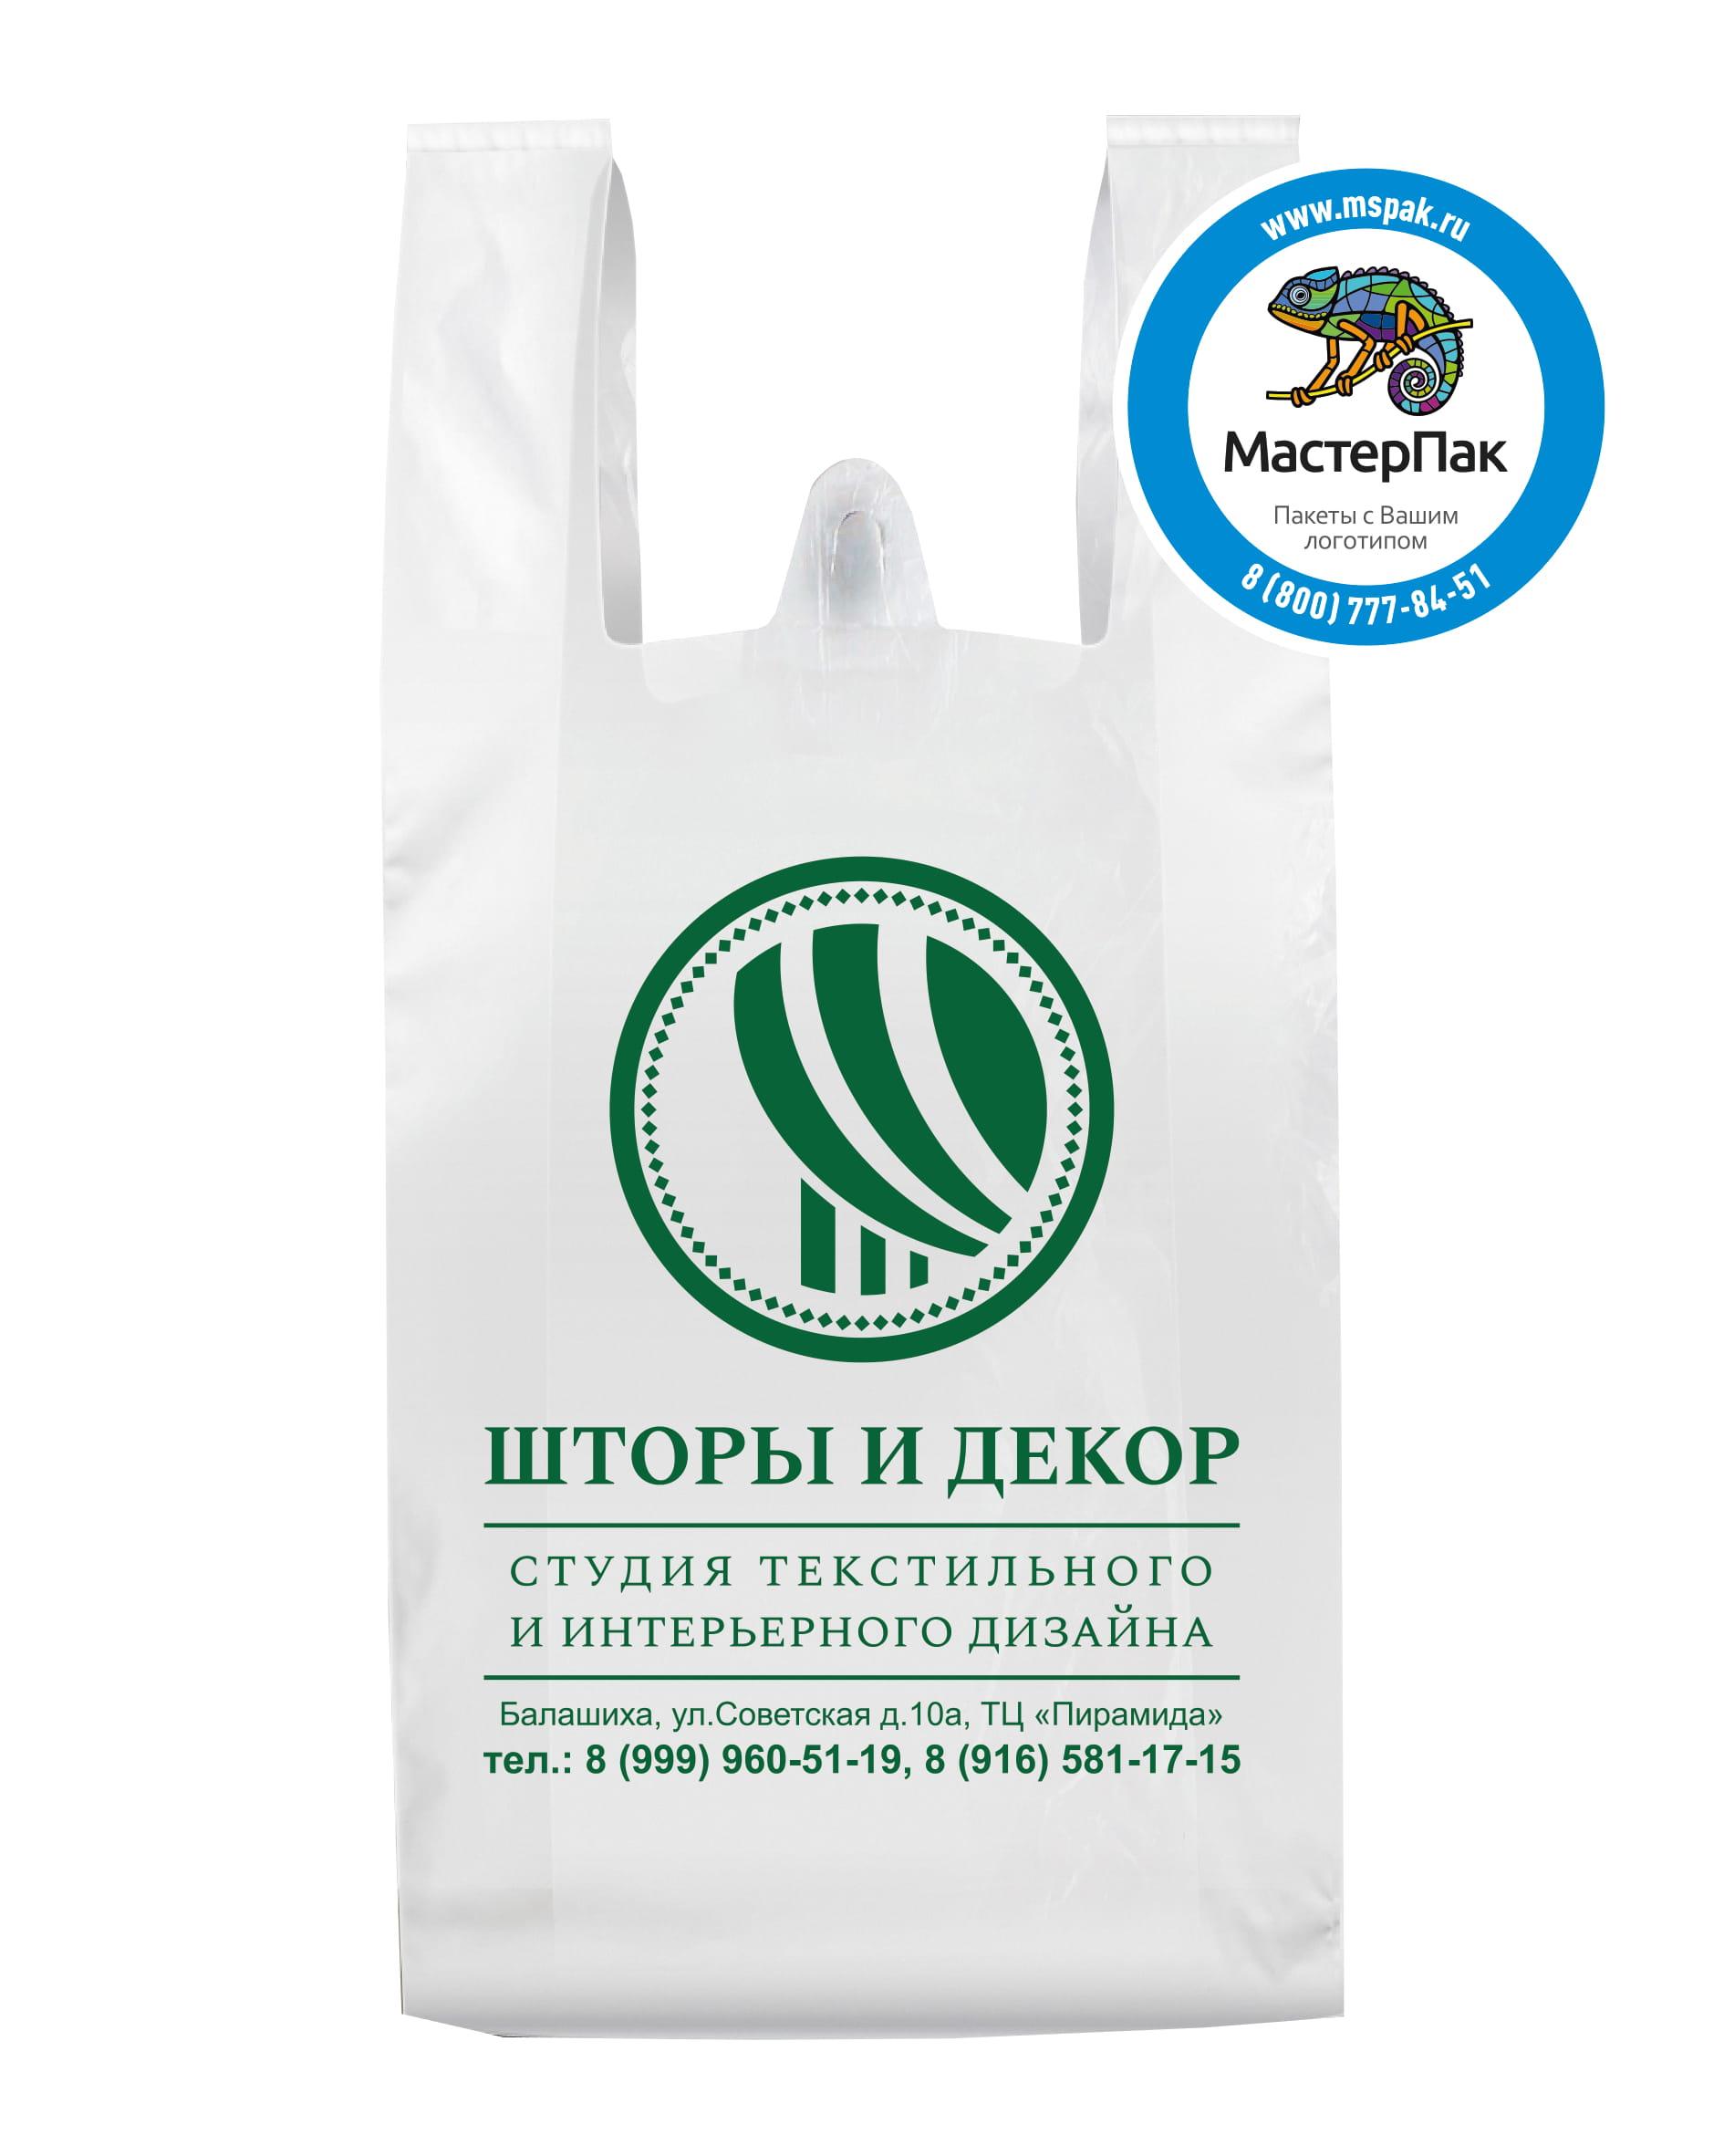 """Пакет-майка ПНД с логотипом """"Шторы и декор"""", Балашиха, 40*60, 28 мкм"""